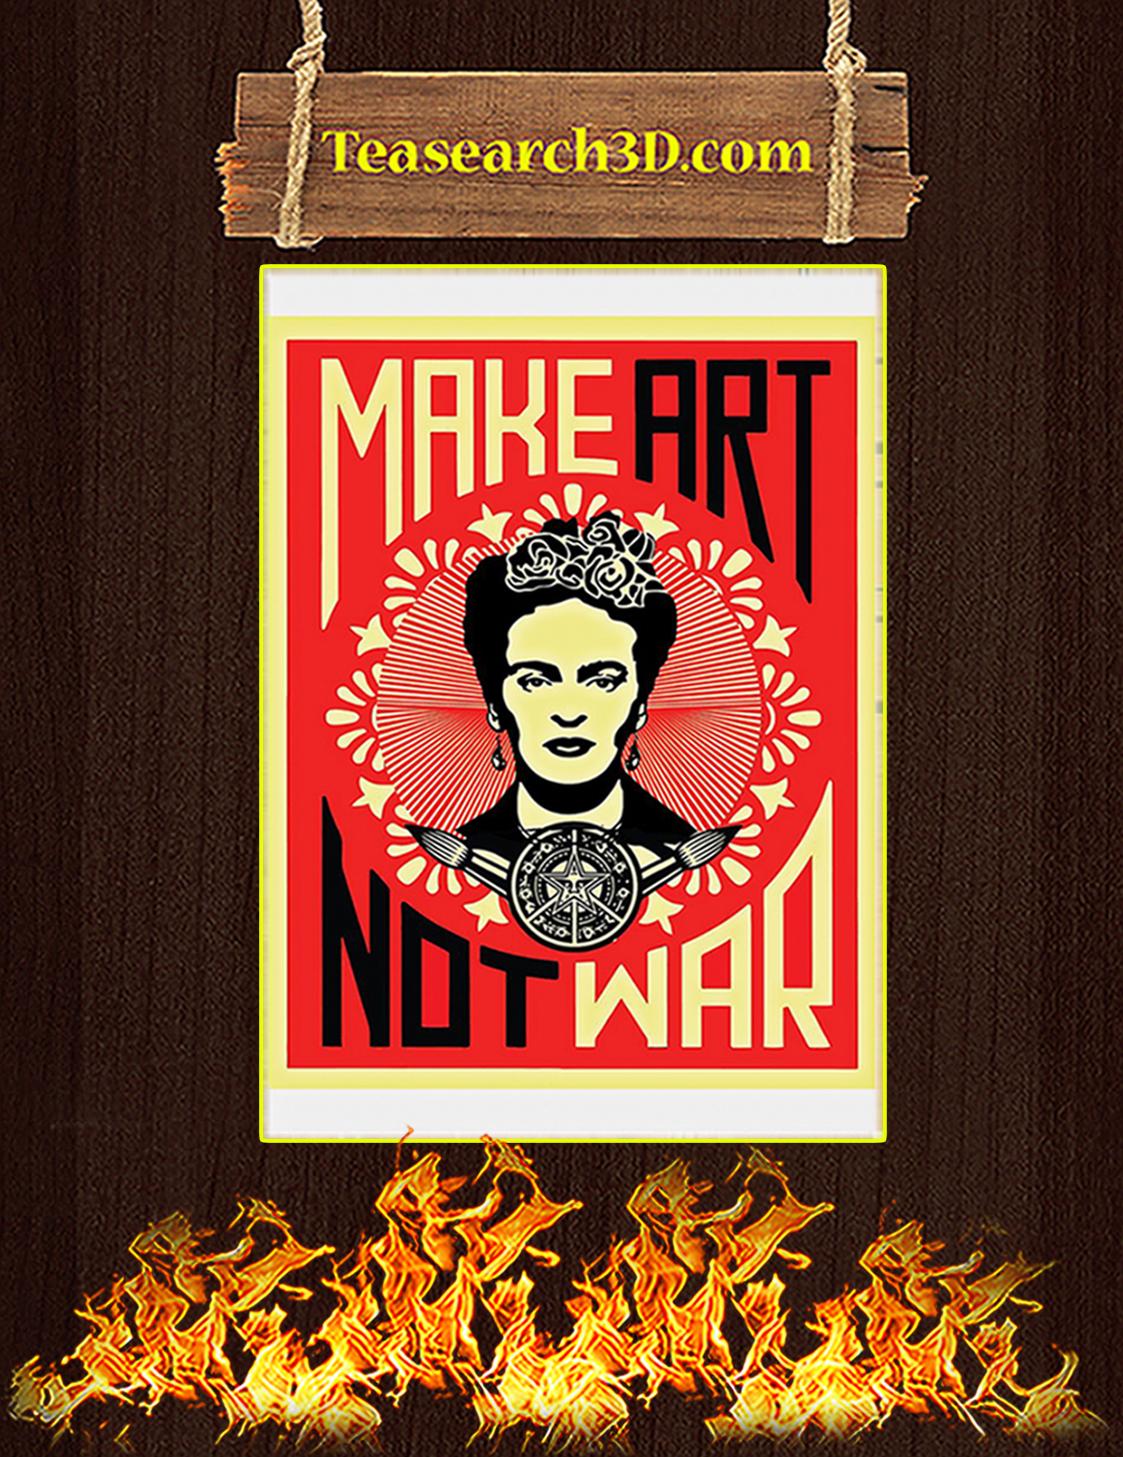 Frida kahlo make art not war poster A3